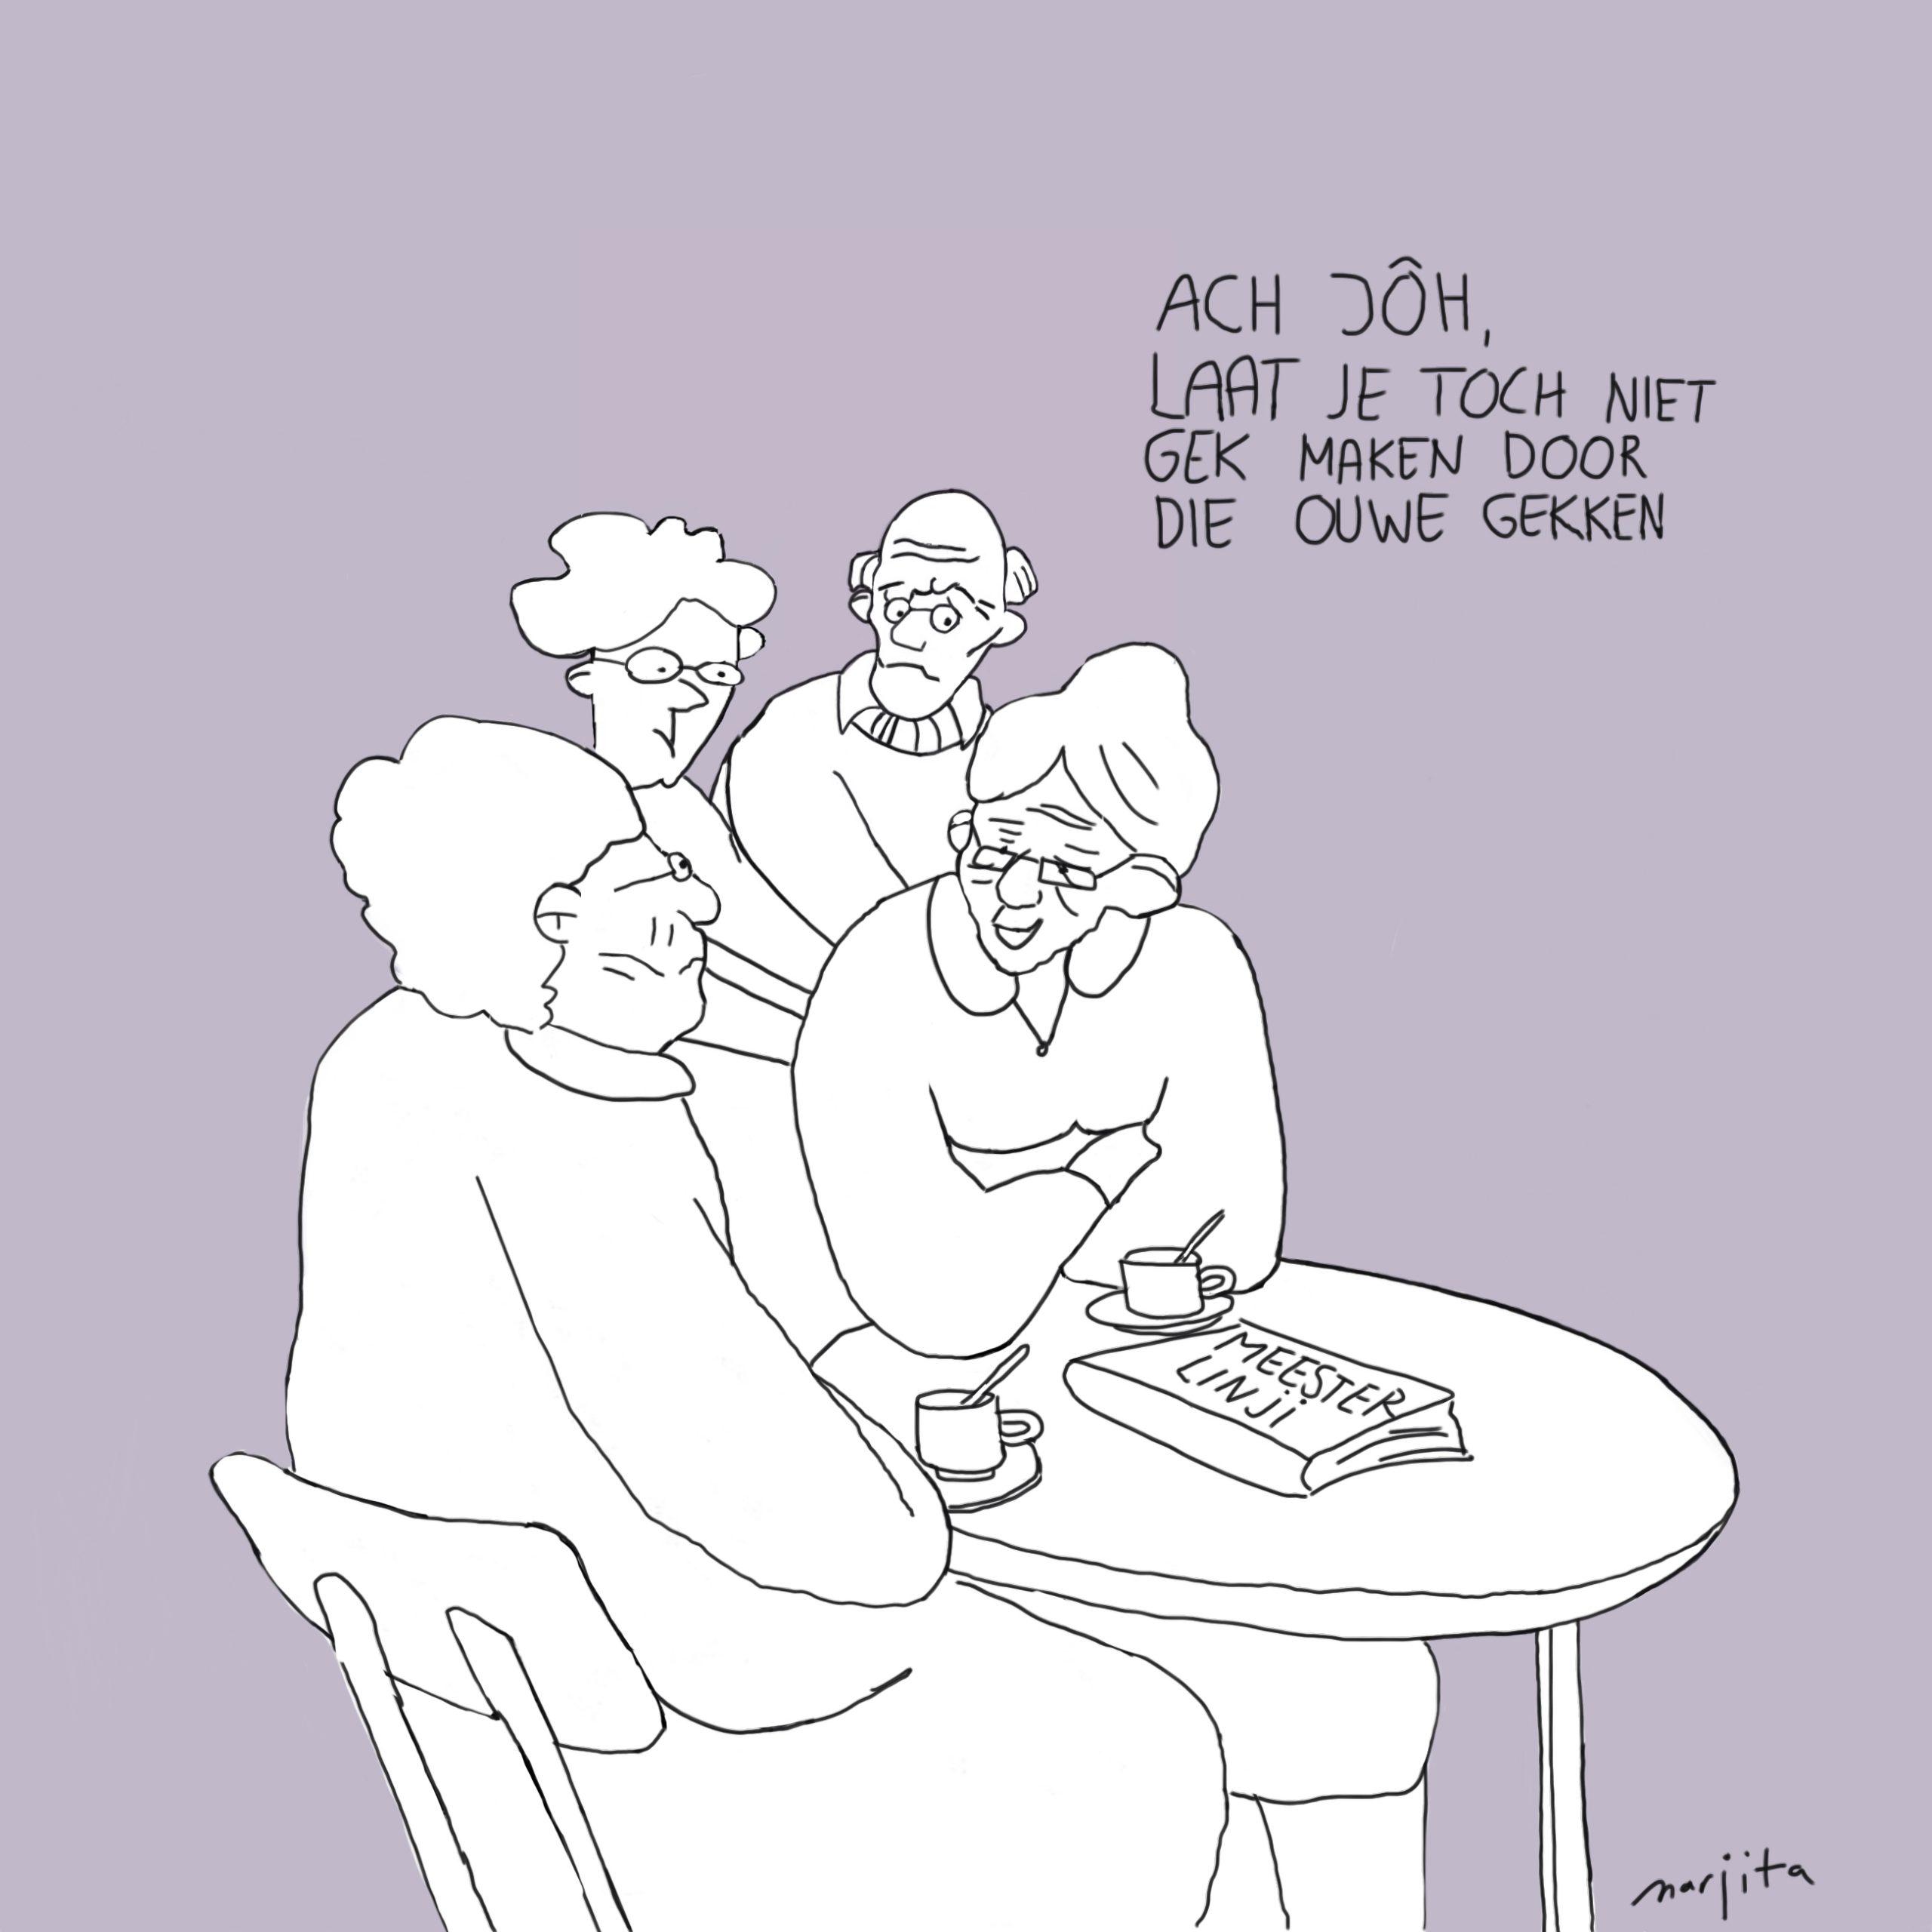 Gesprekje tussen bejaarden over de Linji Lu: 'Laat je toch niet gek maken door die ouwe gekken!'